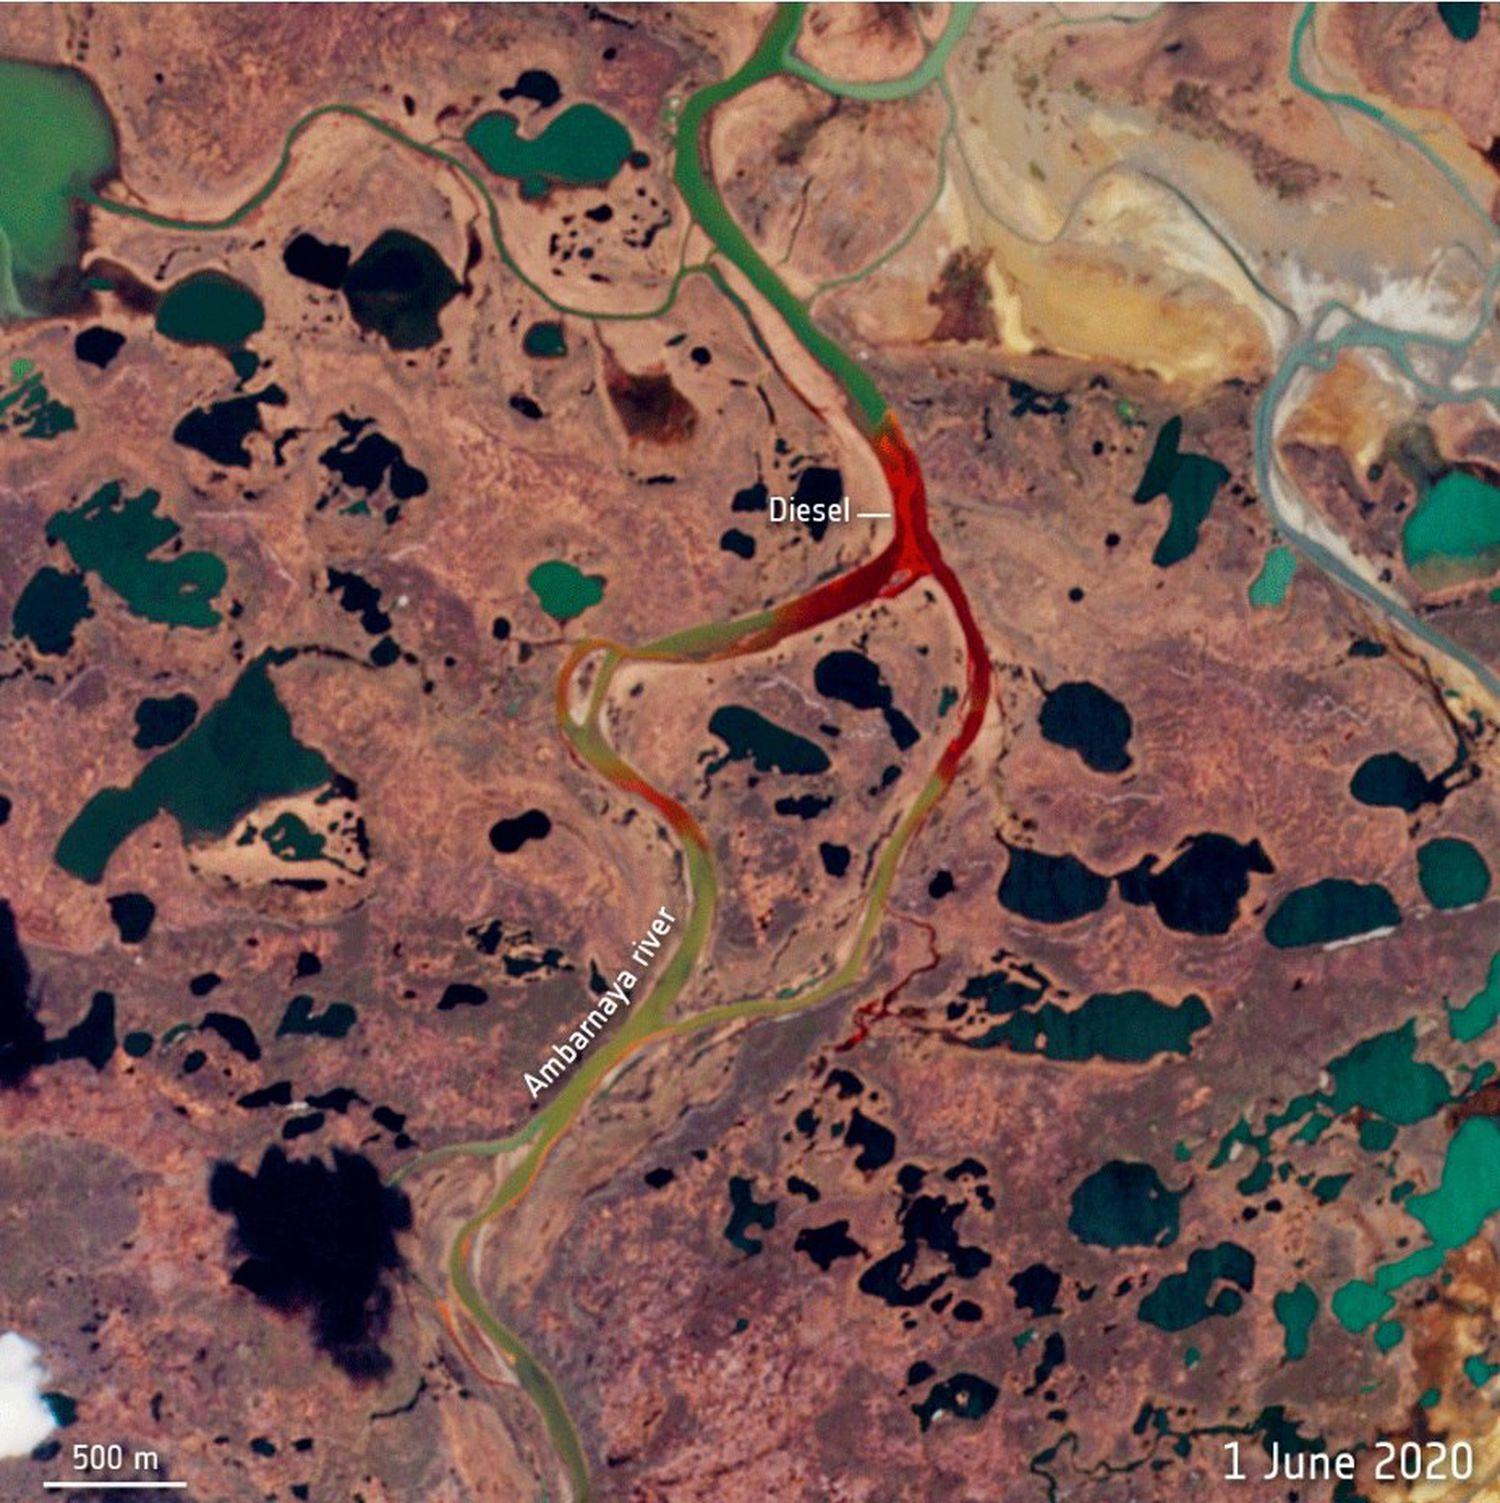 Vista aérea del vertido de Norilsk tomada desde la misión Sentinel-2 de Copernicus en la que se aprecia el recorrido tras la fuga de unas 20.000 toneladas de diésel por el río Ambárnaya.